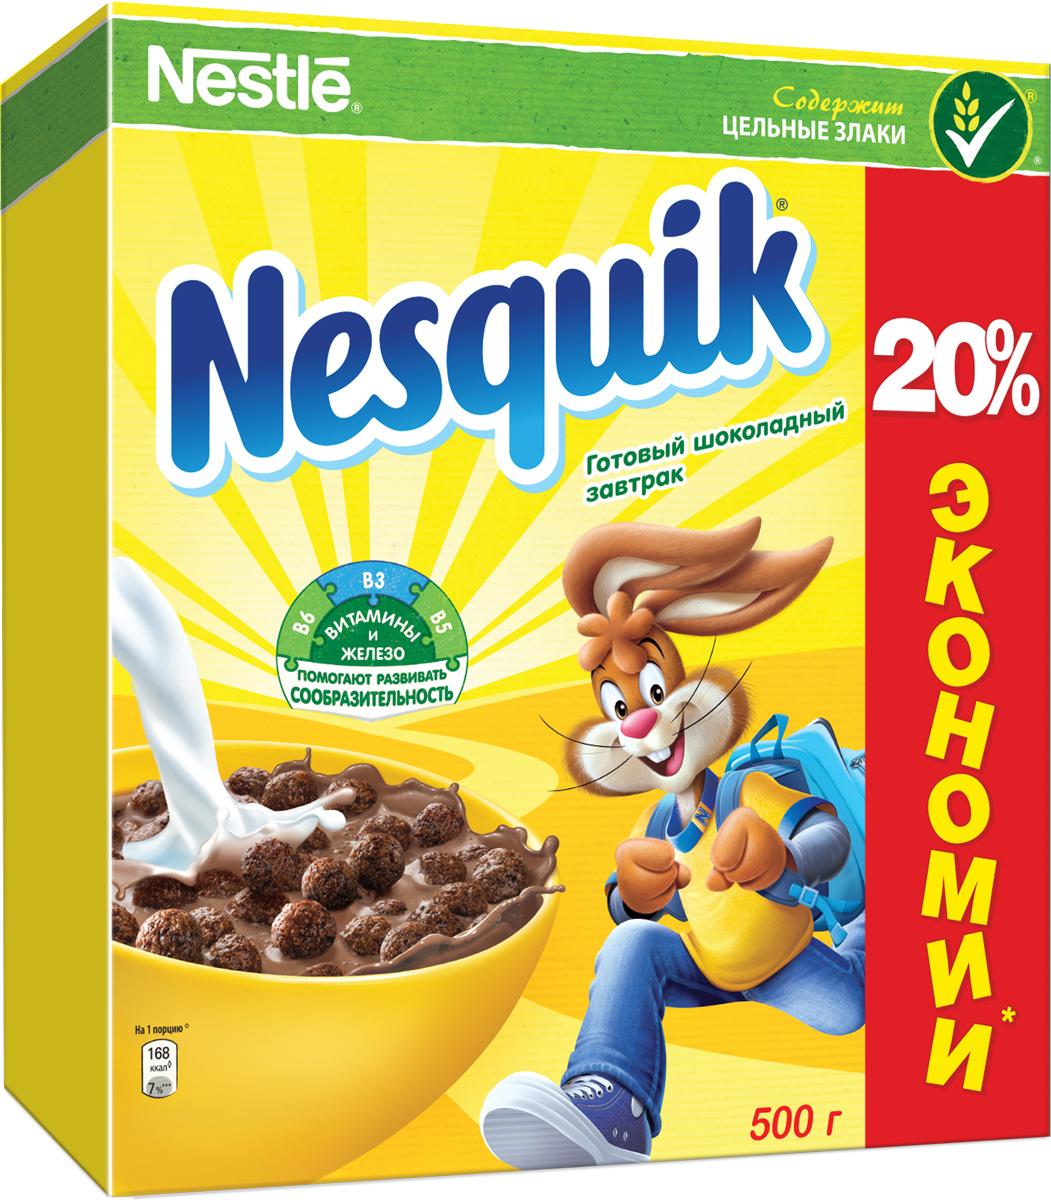 Nestle Nesquik Шоколадные шарики готовый завтрак, 500 г шоколадный батончик nesquik 43г